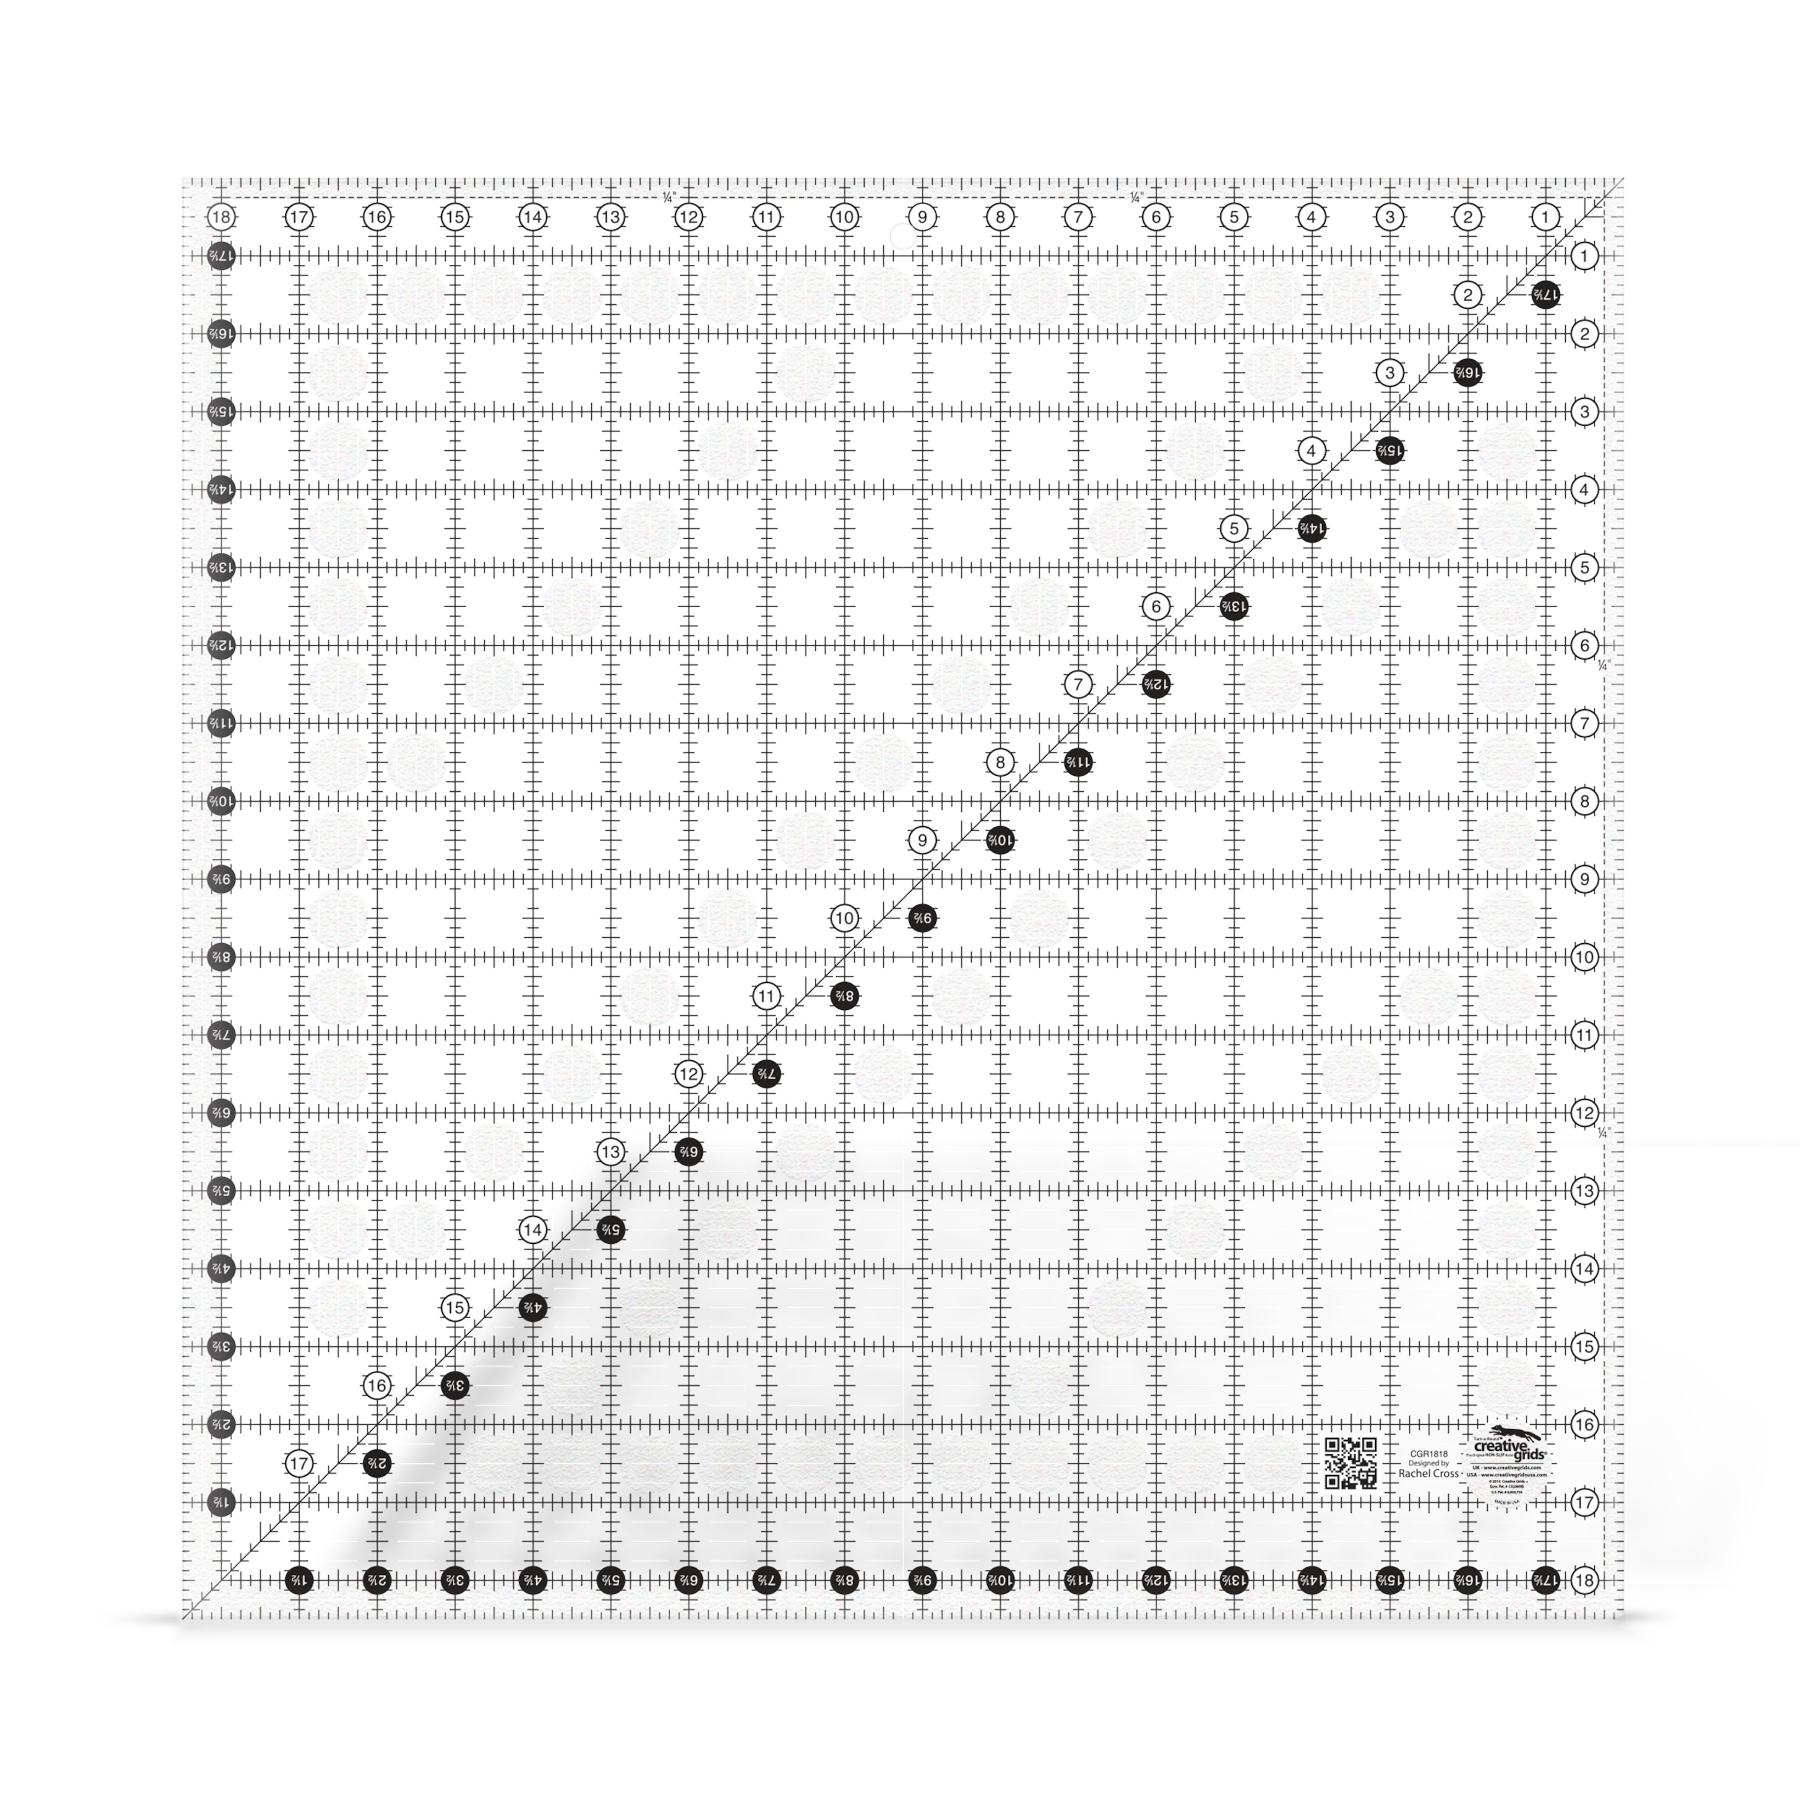 18 1/2 inch square